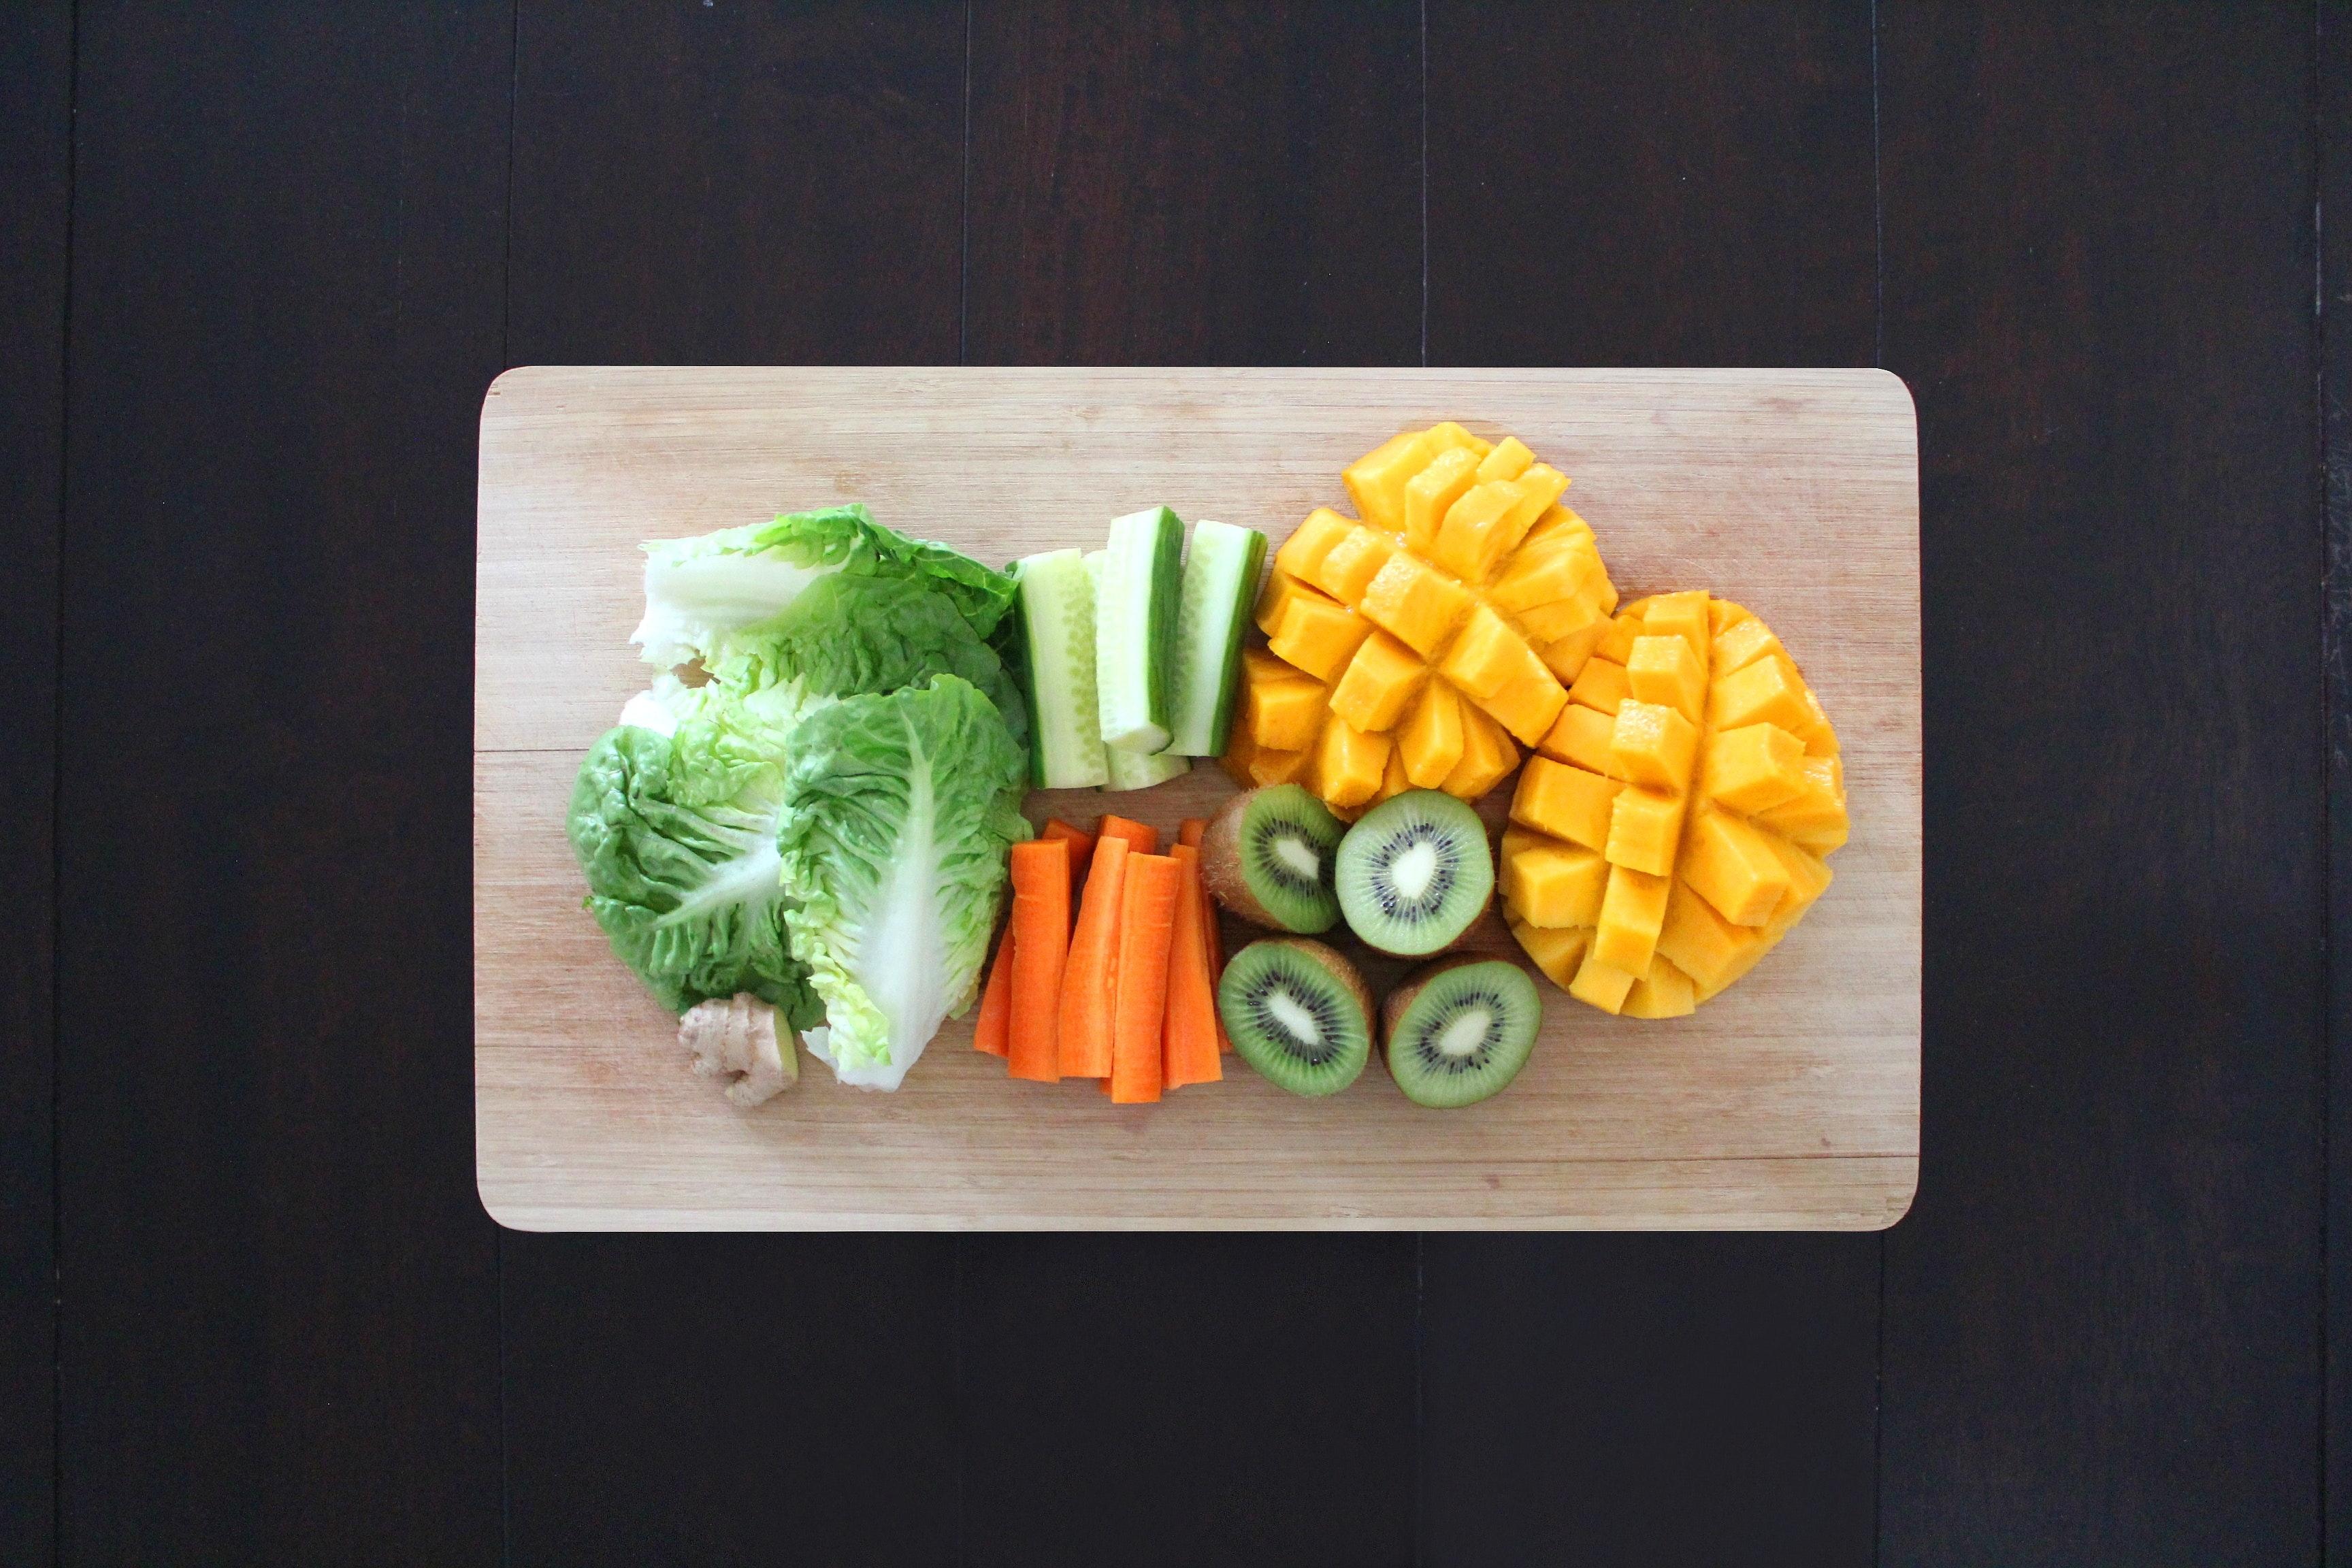 1st of November - World Vegan Day!